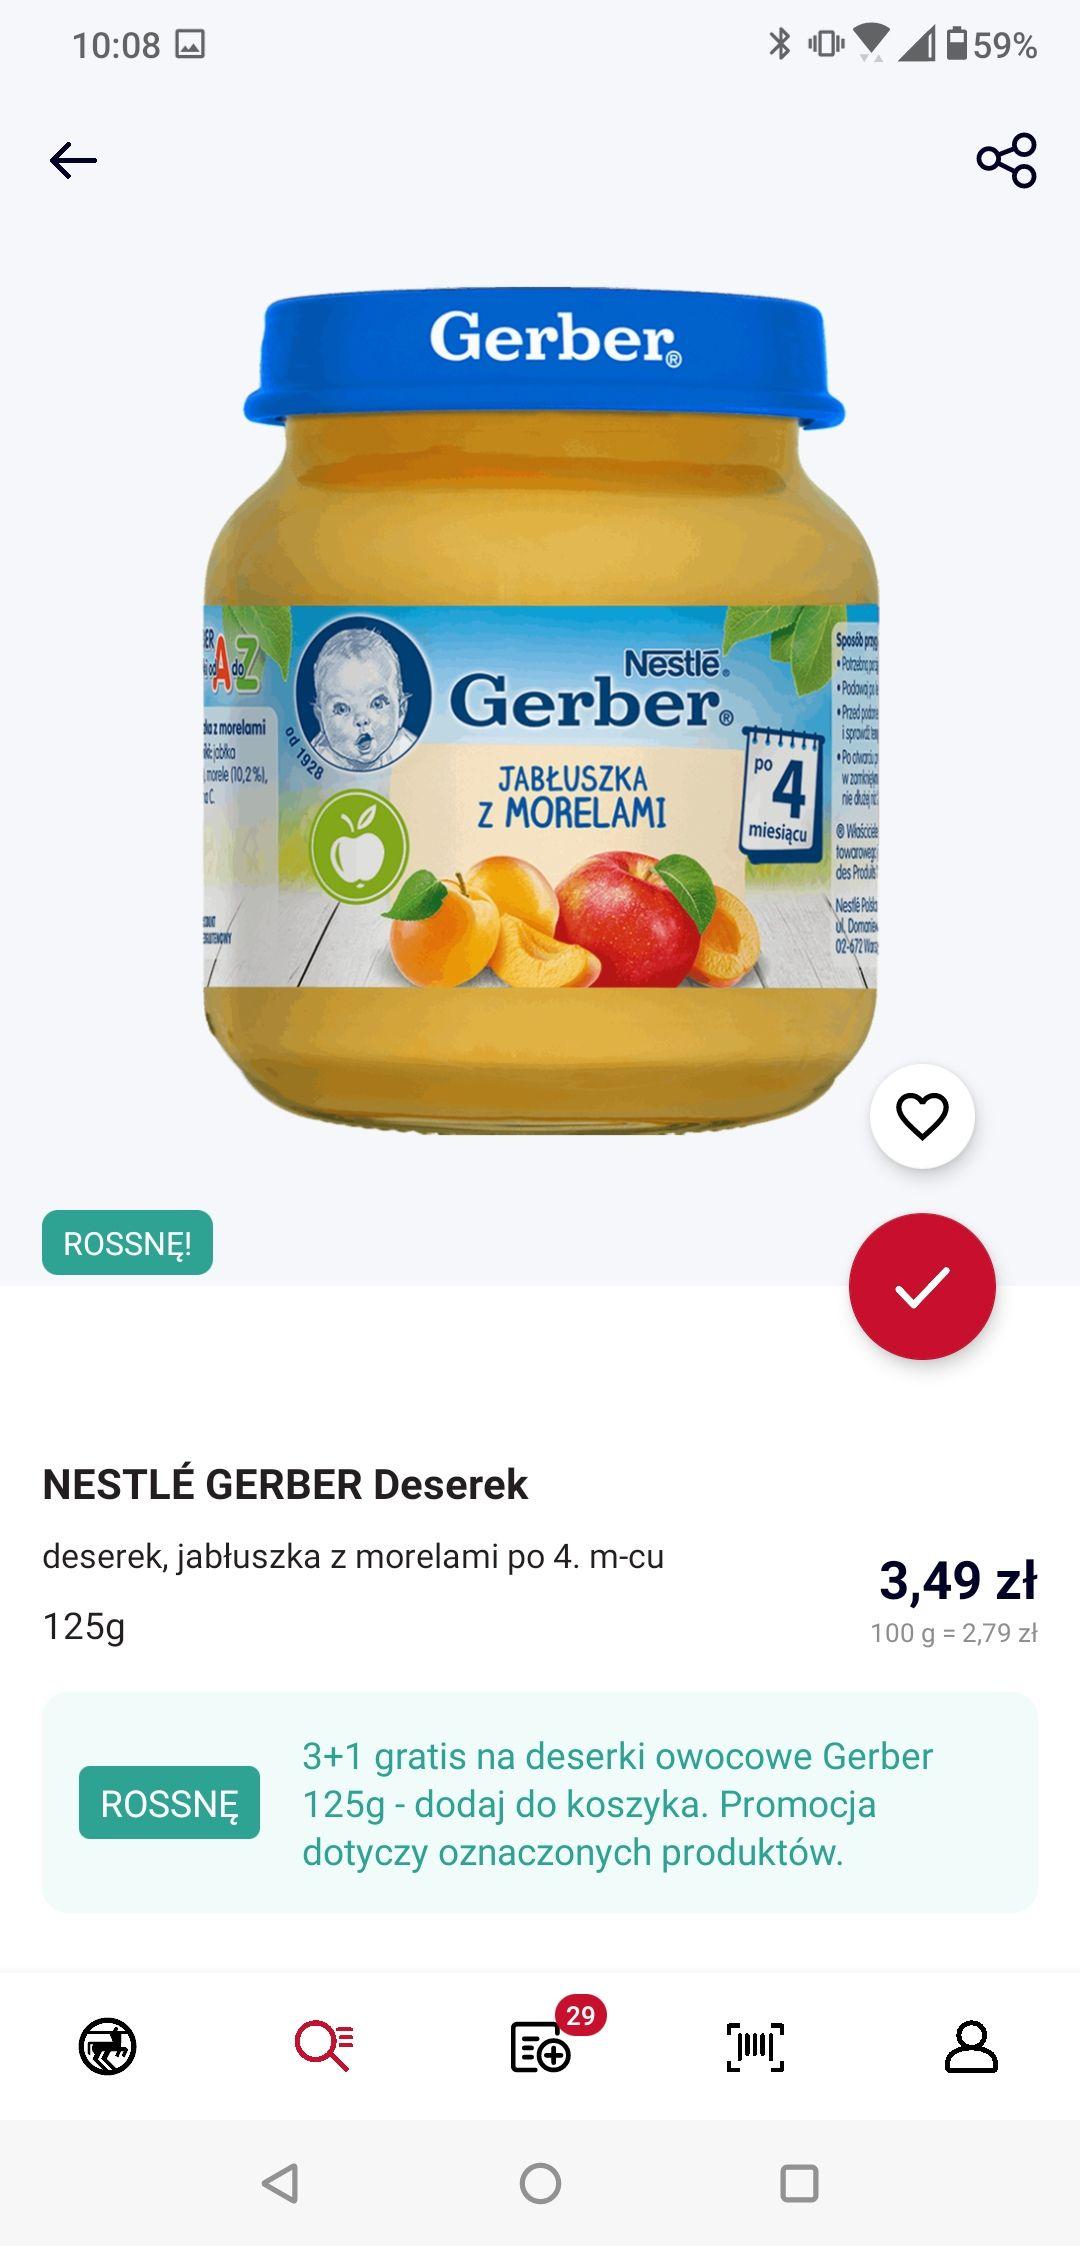 Nestle Gerber obiadki i deserki 3+1 gratis